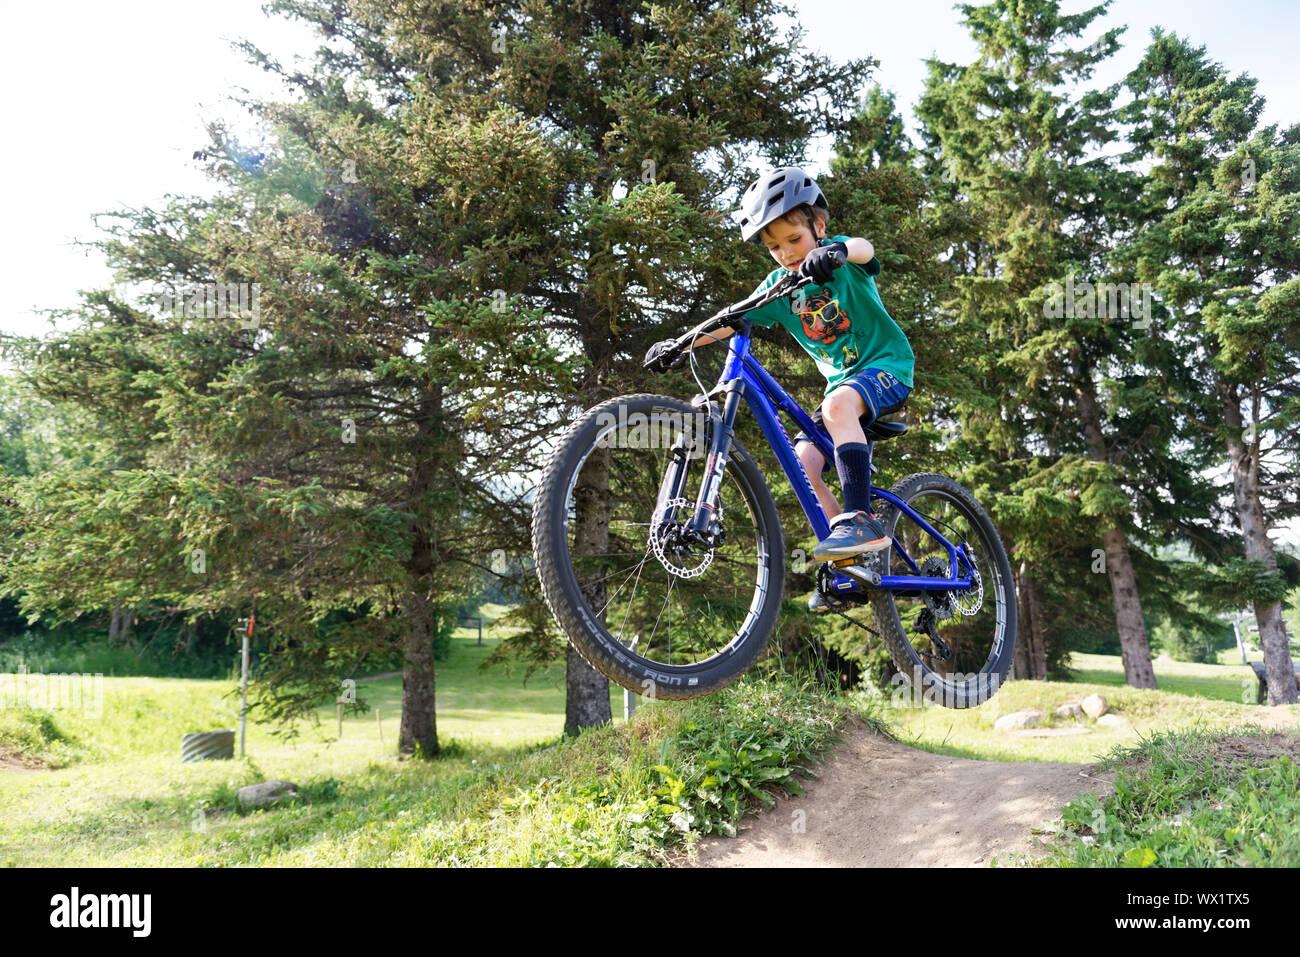 Un niño de siete años haciendo salta sobre su bicicleta de montaña Foto de stock